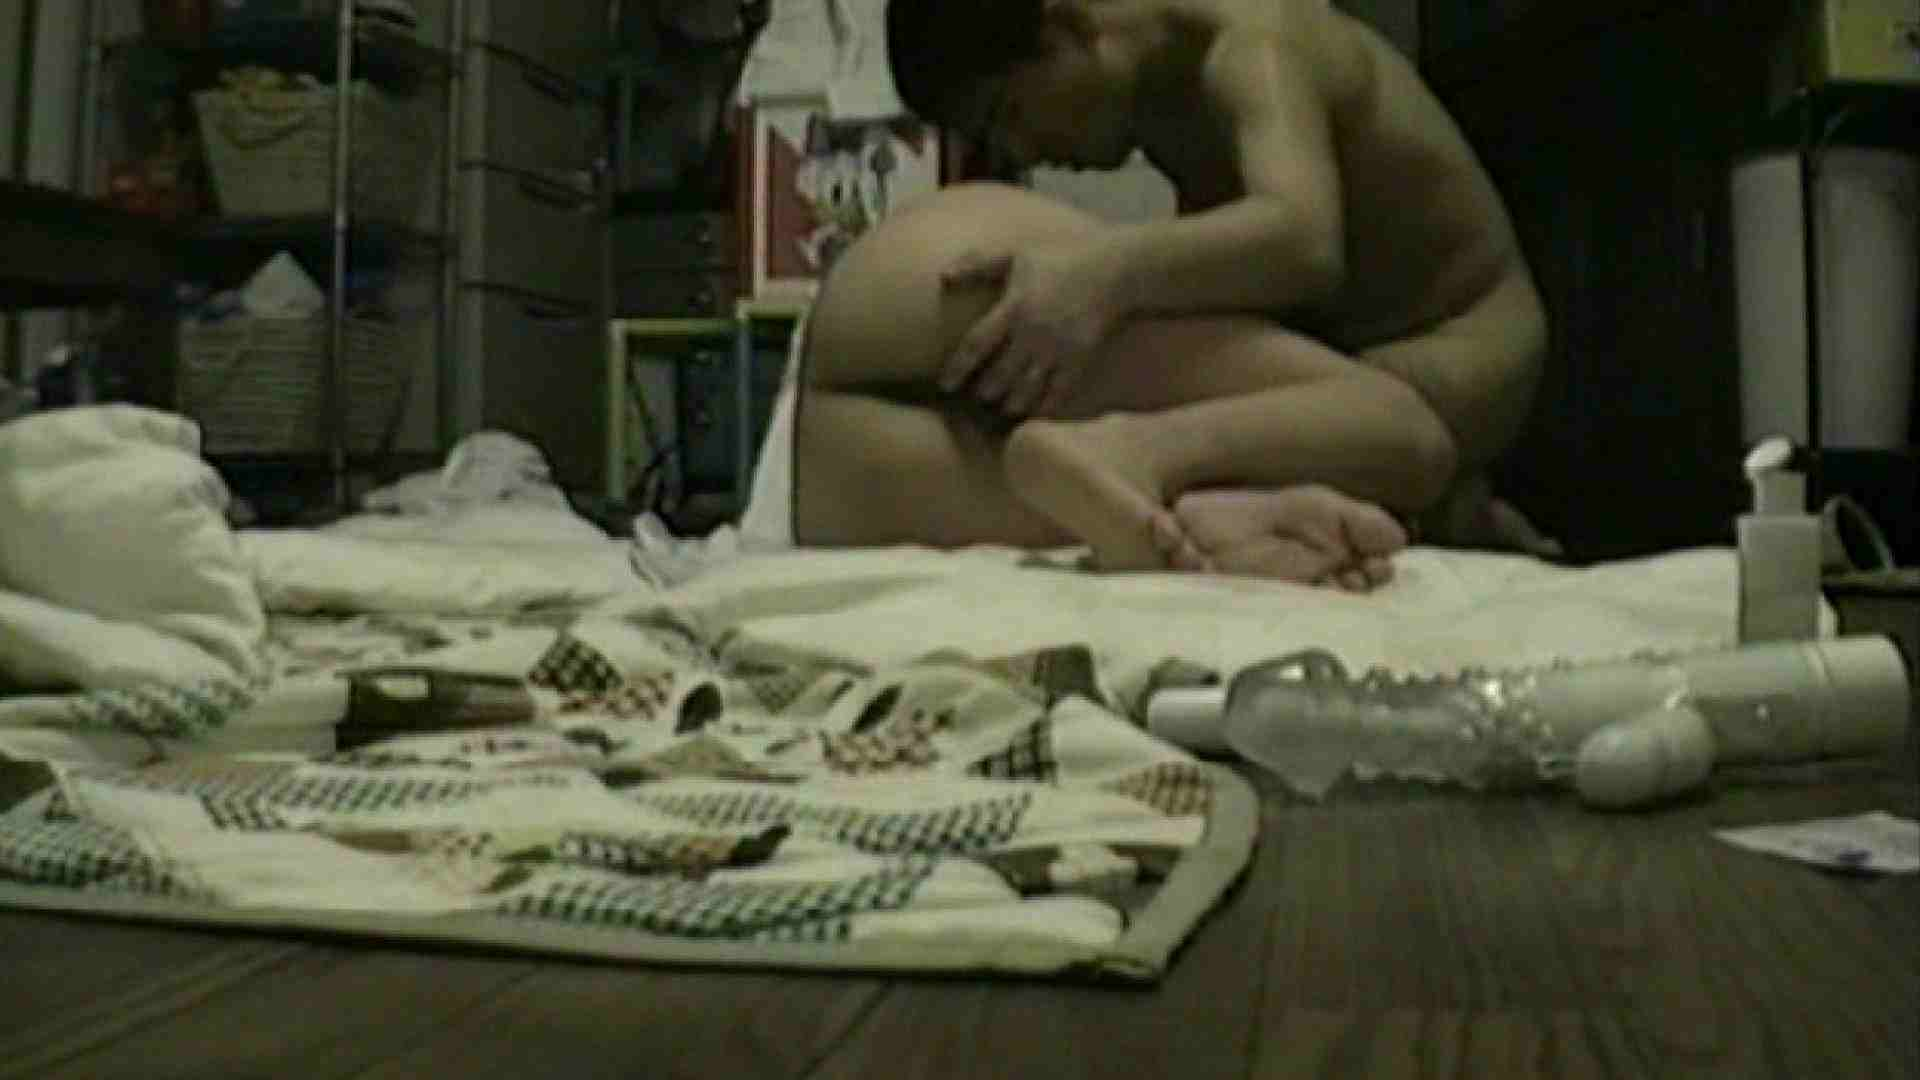 最愛の妻 TAKAKO 愛のSEX Vol.03 一般投稿 戯れ無修正画像 84pic 78